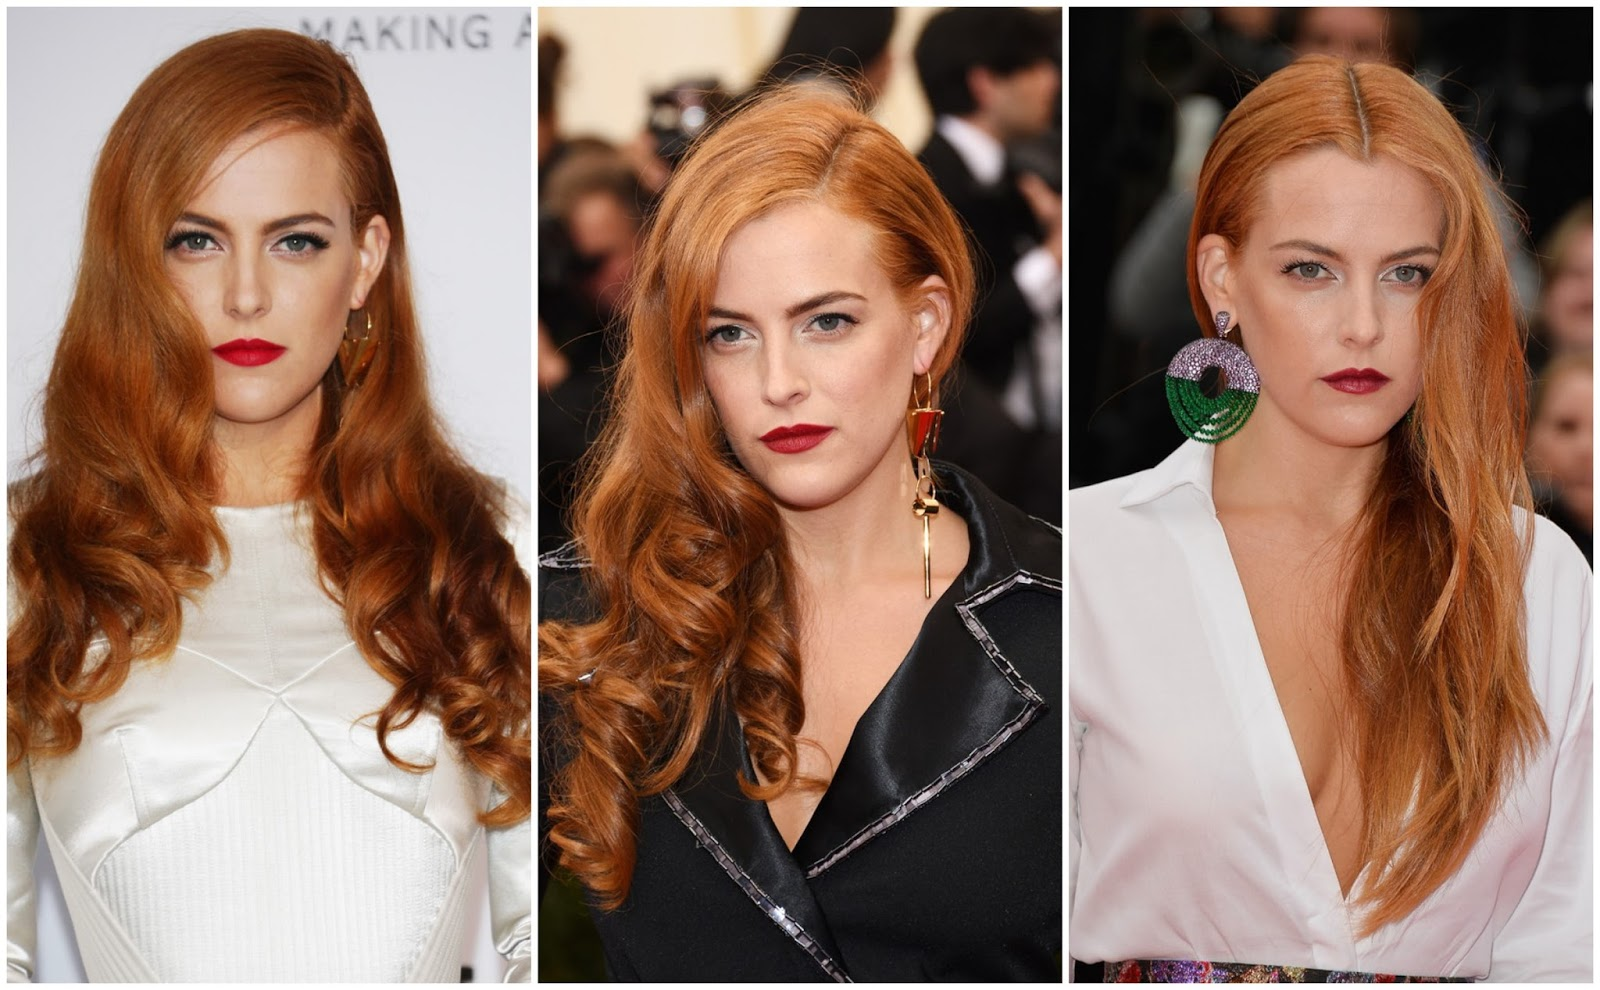 riley keough red hair met gala cannes